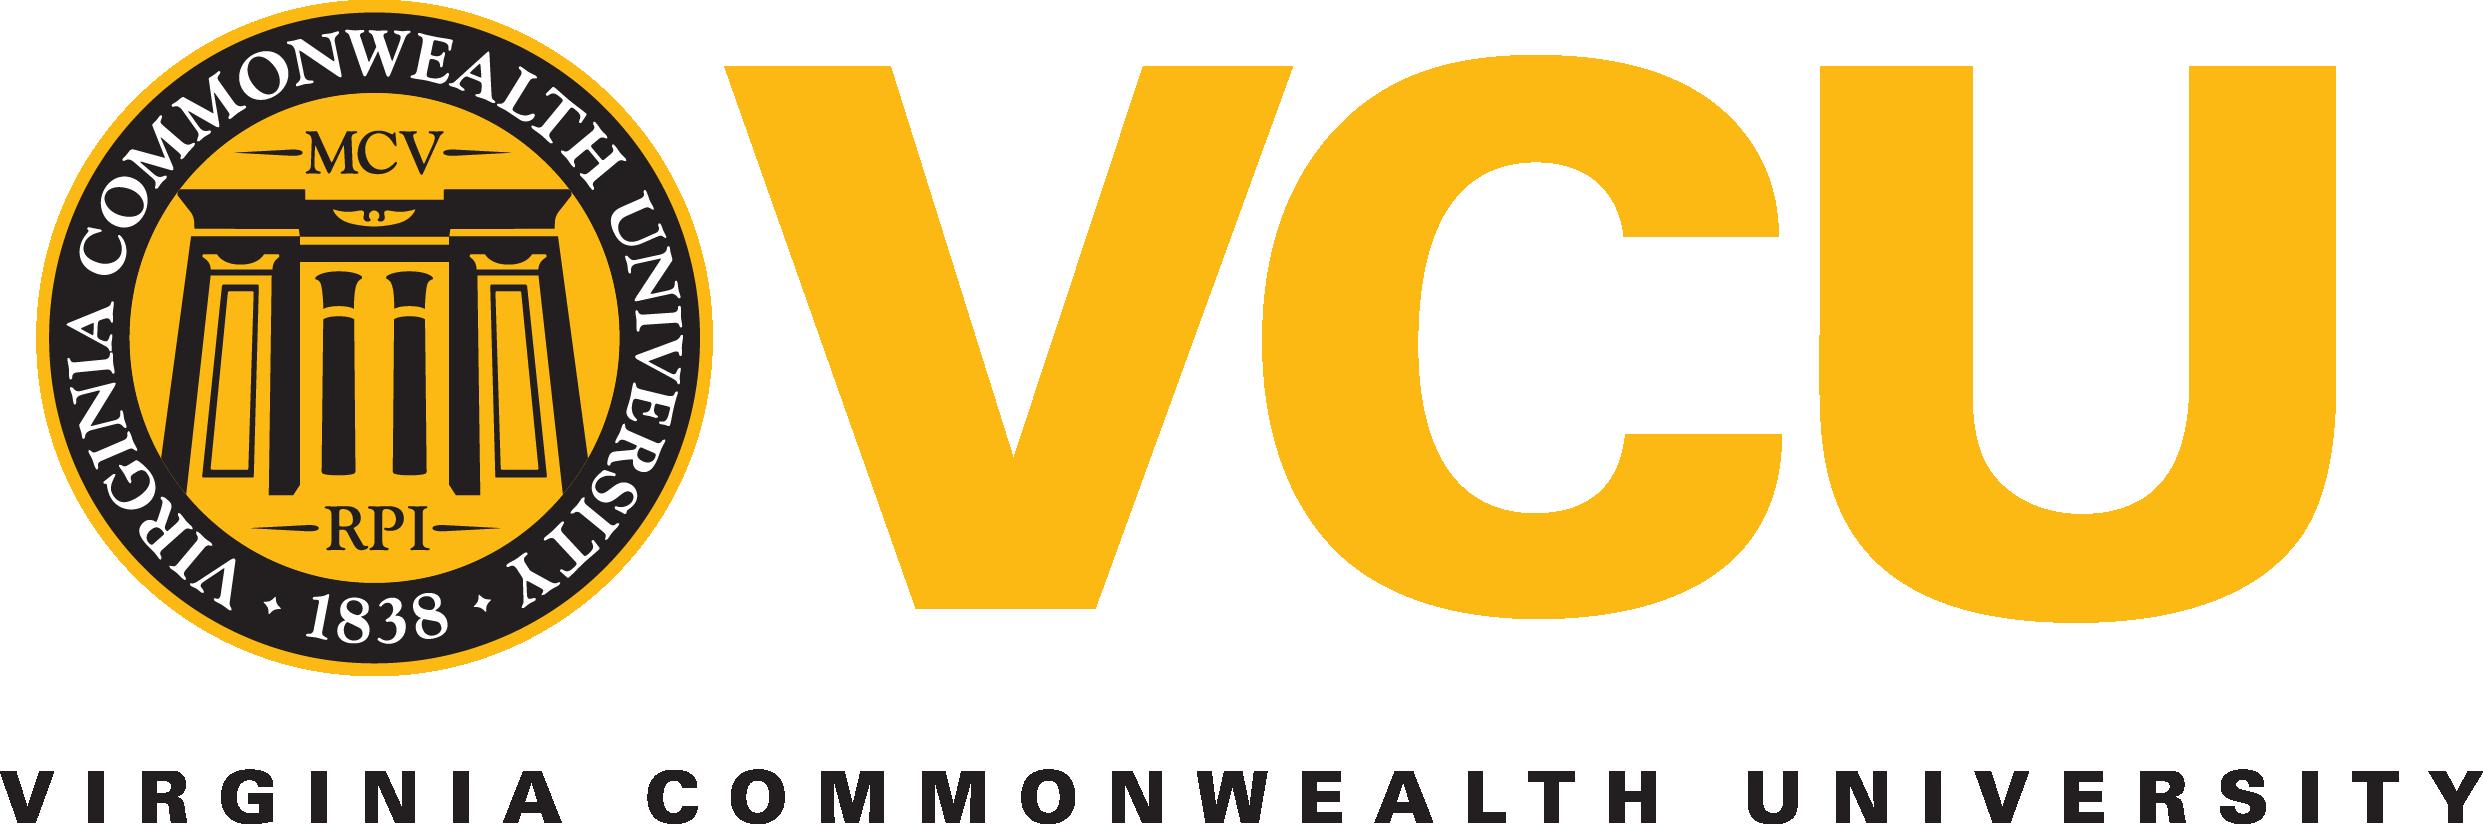 VCU Logo&Seal [vcu.edu.